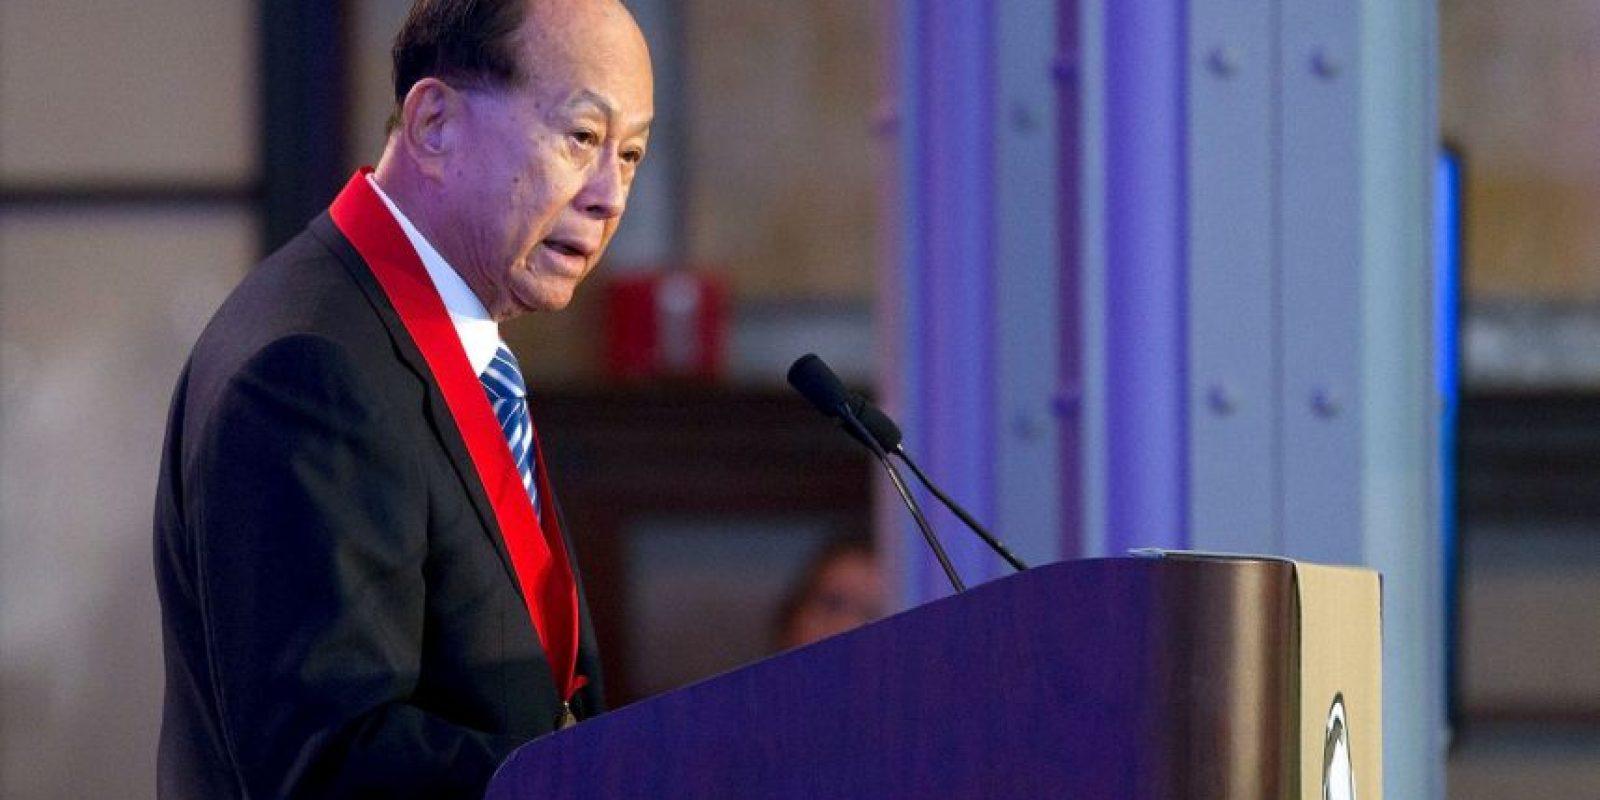 Ejerce como presidente y CEO del Holding empresarial Cheung Kong y la poderosa Corporación Hutchison Whampoa. Foto:Getty Images